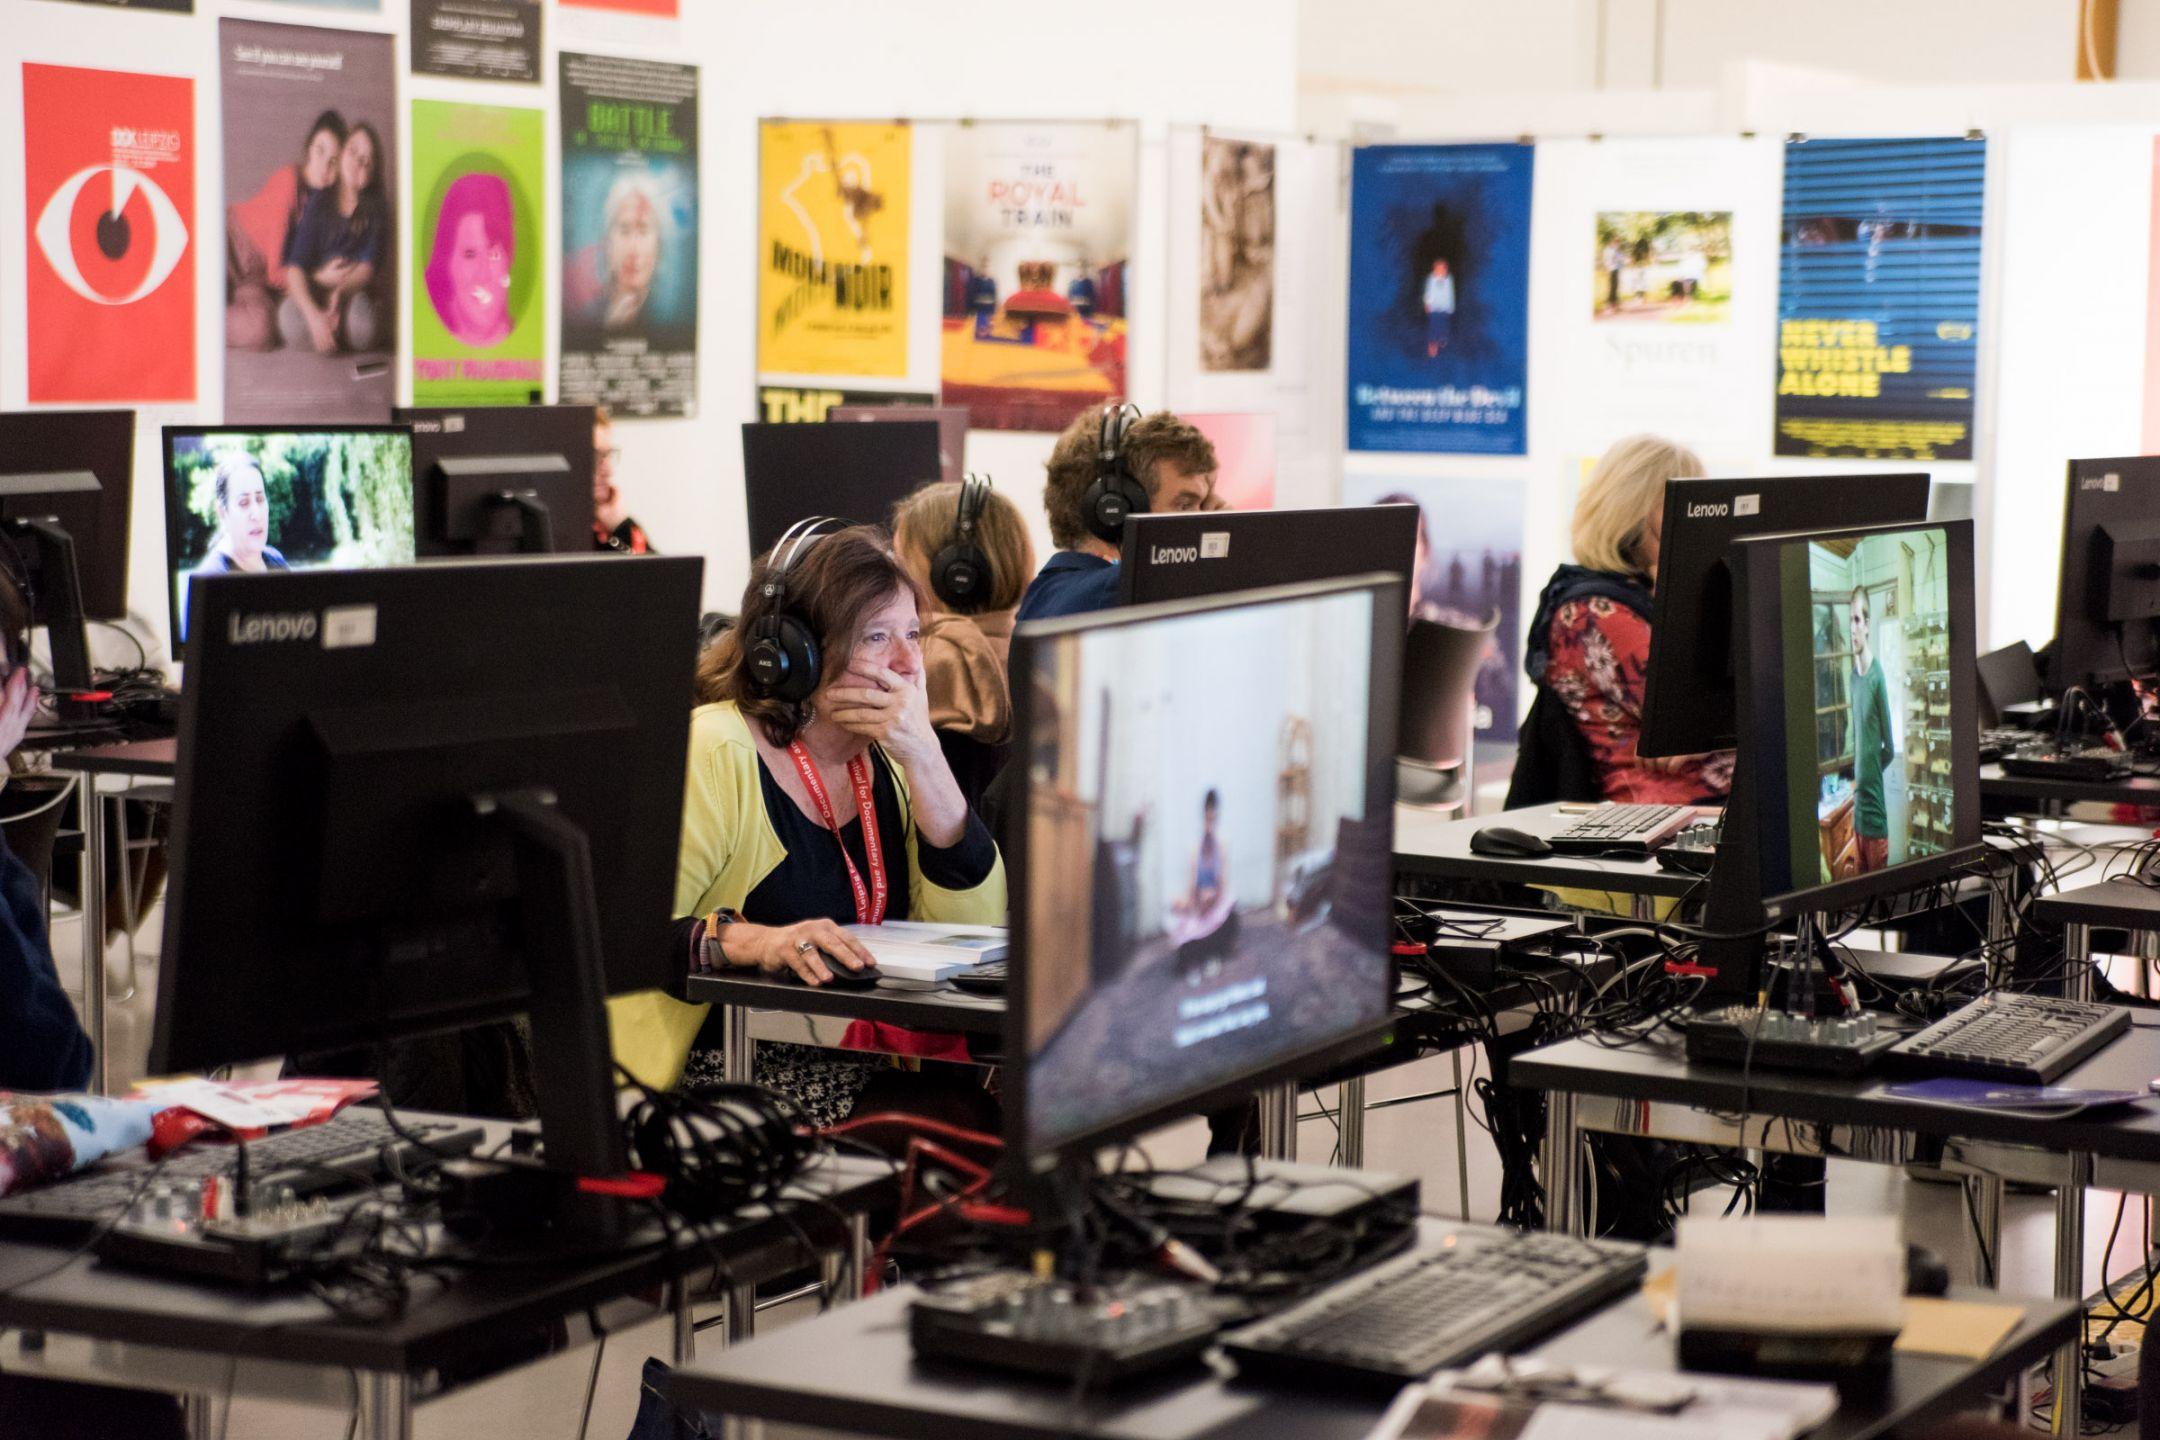 In einem Raum voller Poster sitzen Mensche an Computern, eine Frau guckt sehr konzentriert